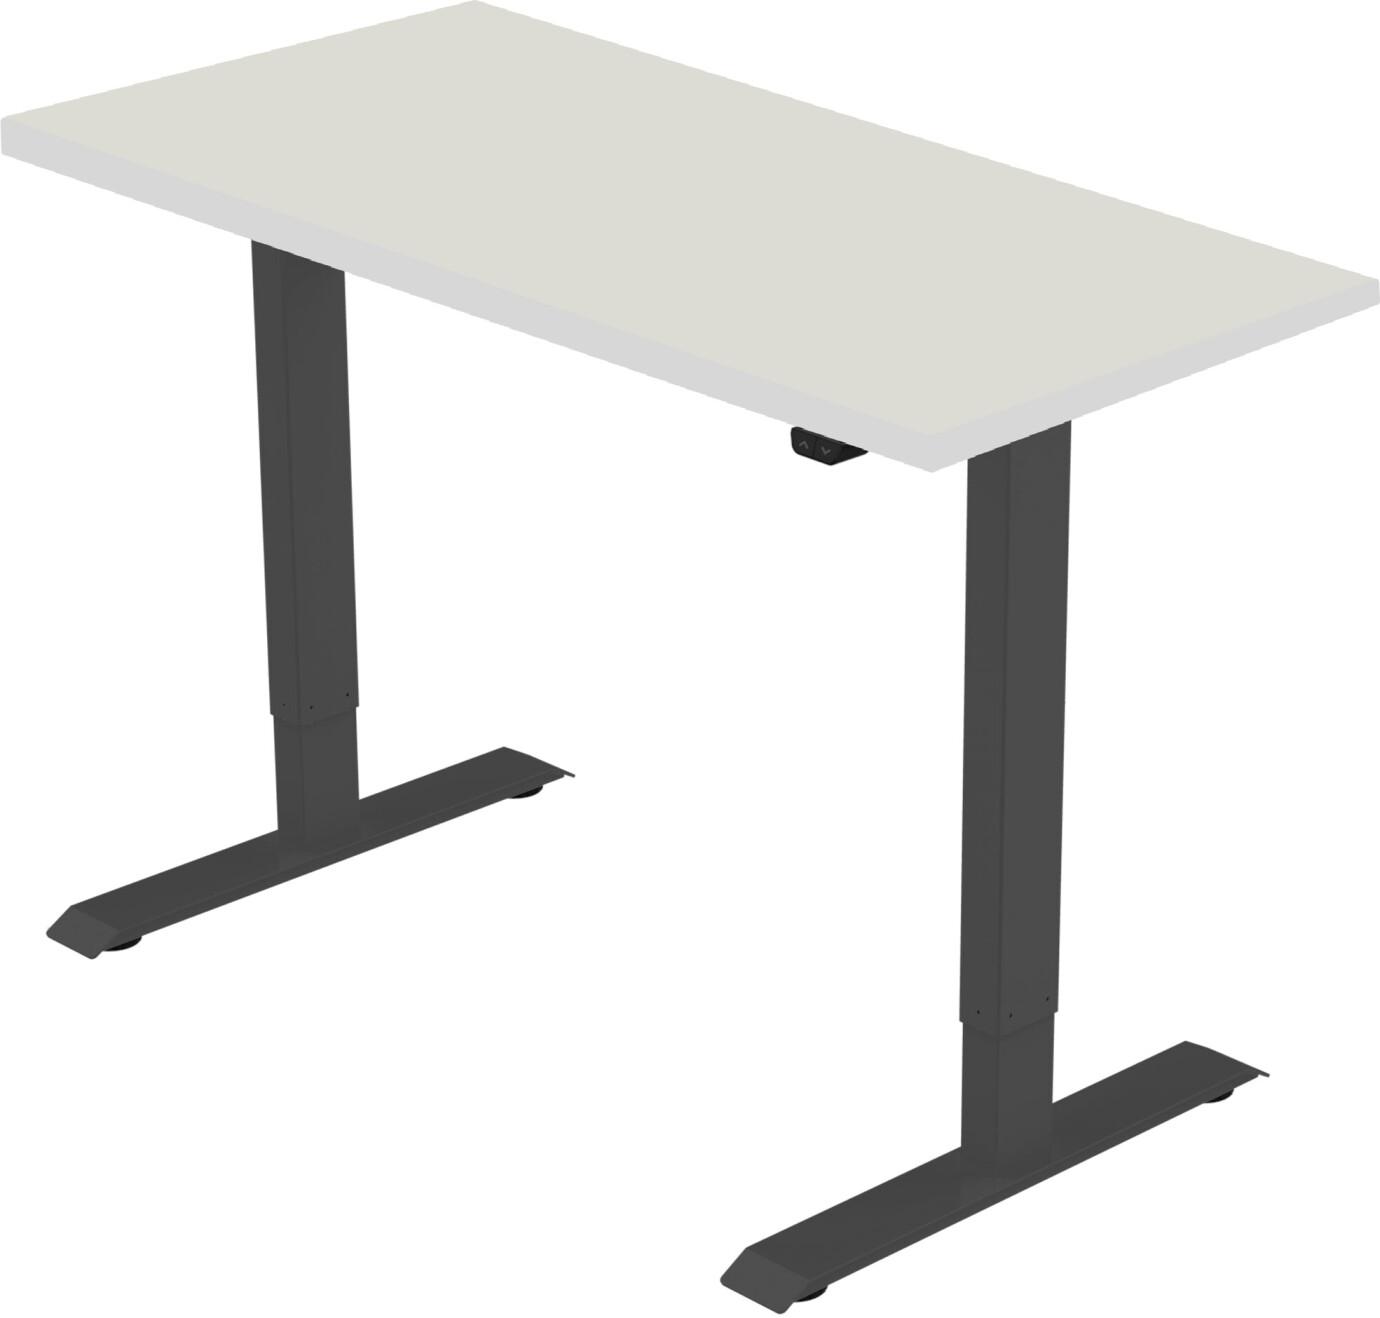 celexon elektrisch höhenverstellbarer Schreibtisch Economy eAdjust-71121 - schwarz, inkl. Tischplatte 150 x 75 cm